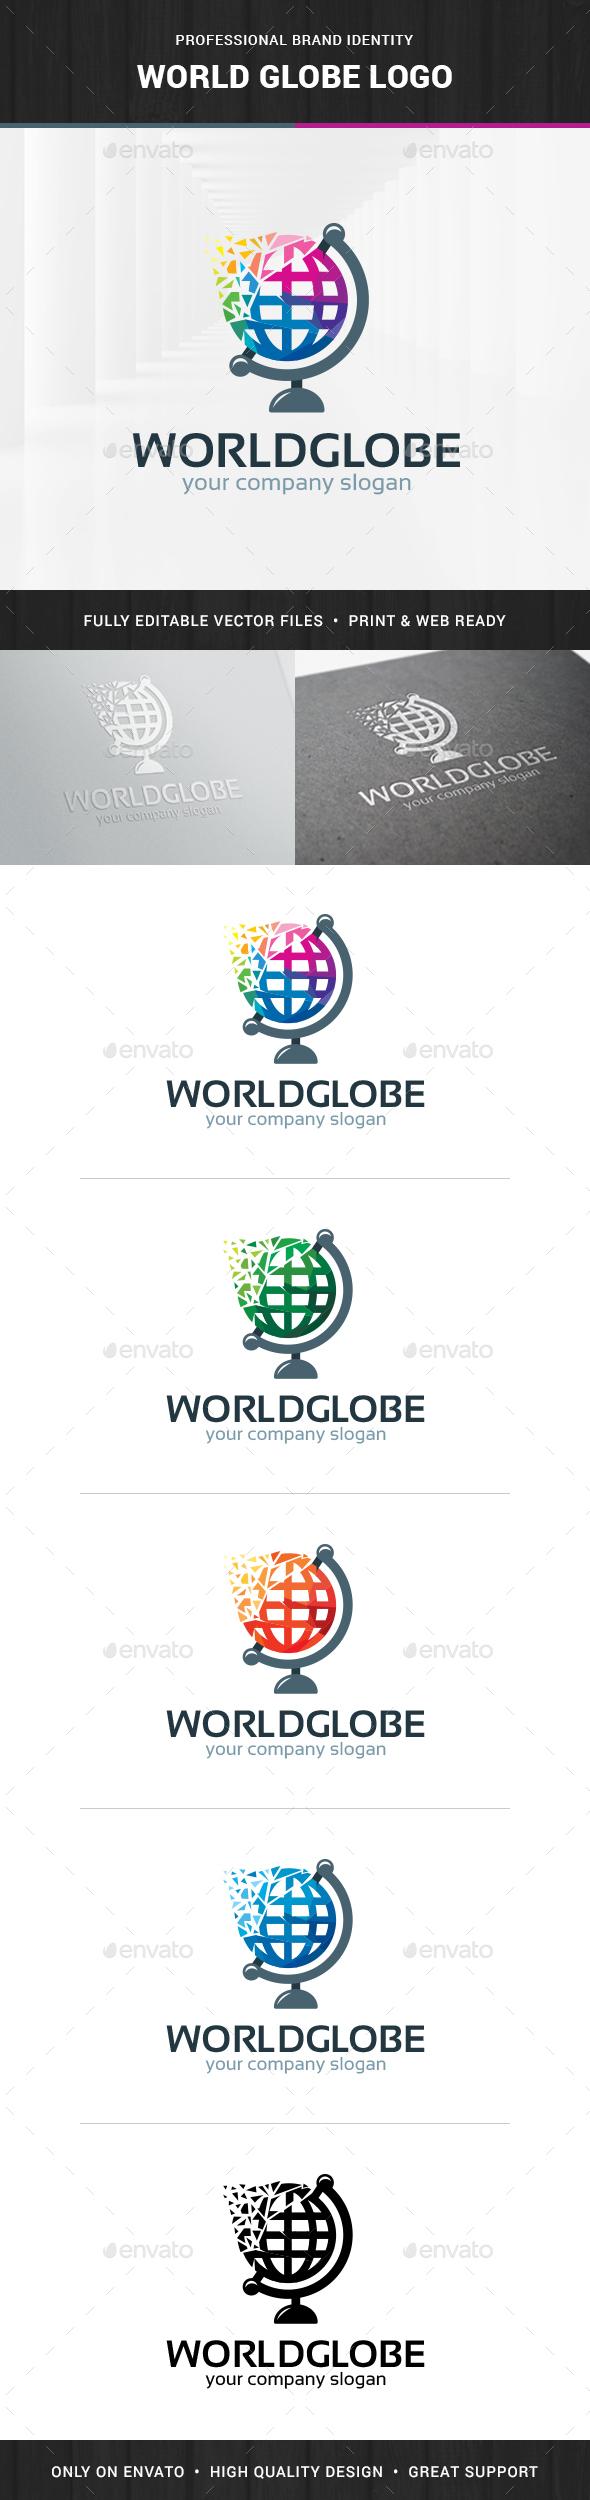 World Globe Logo Template